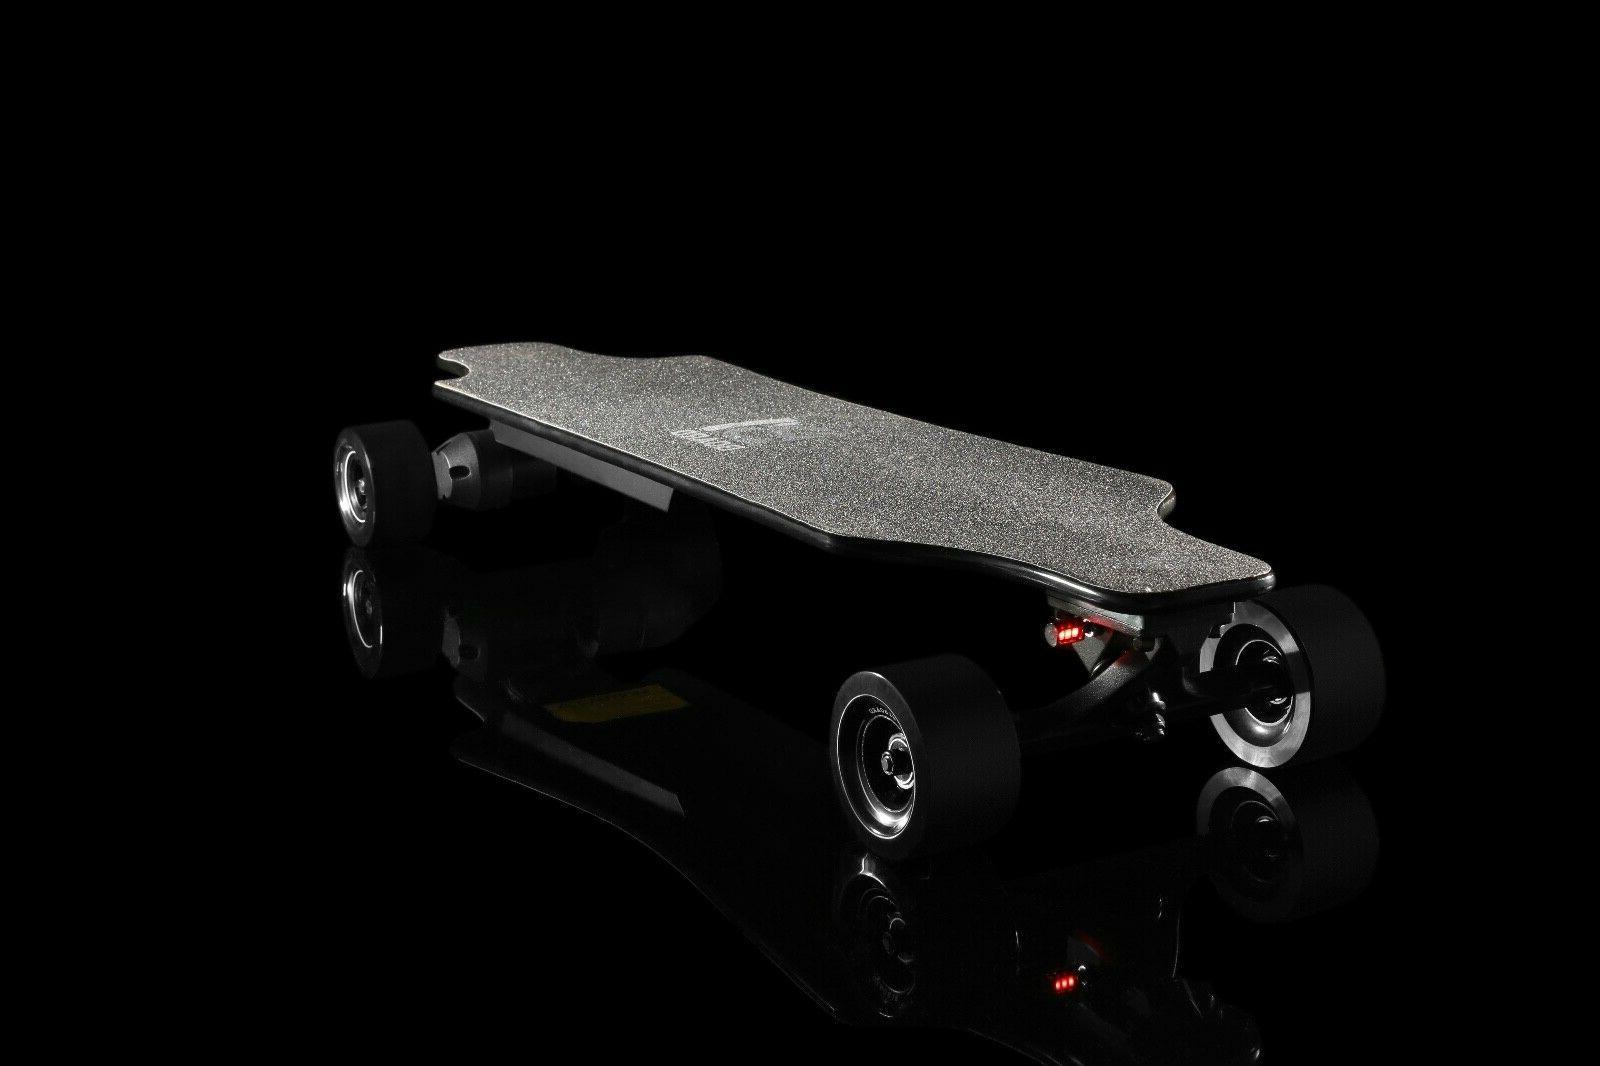 B1 Skateboard 1800W-22mph-16mi-with